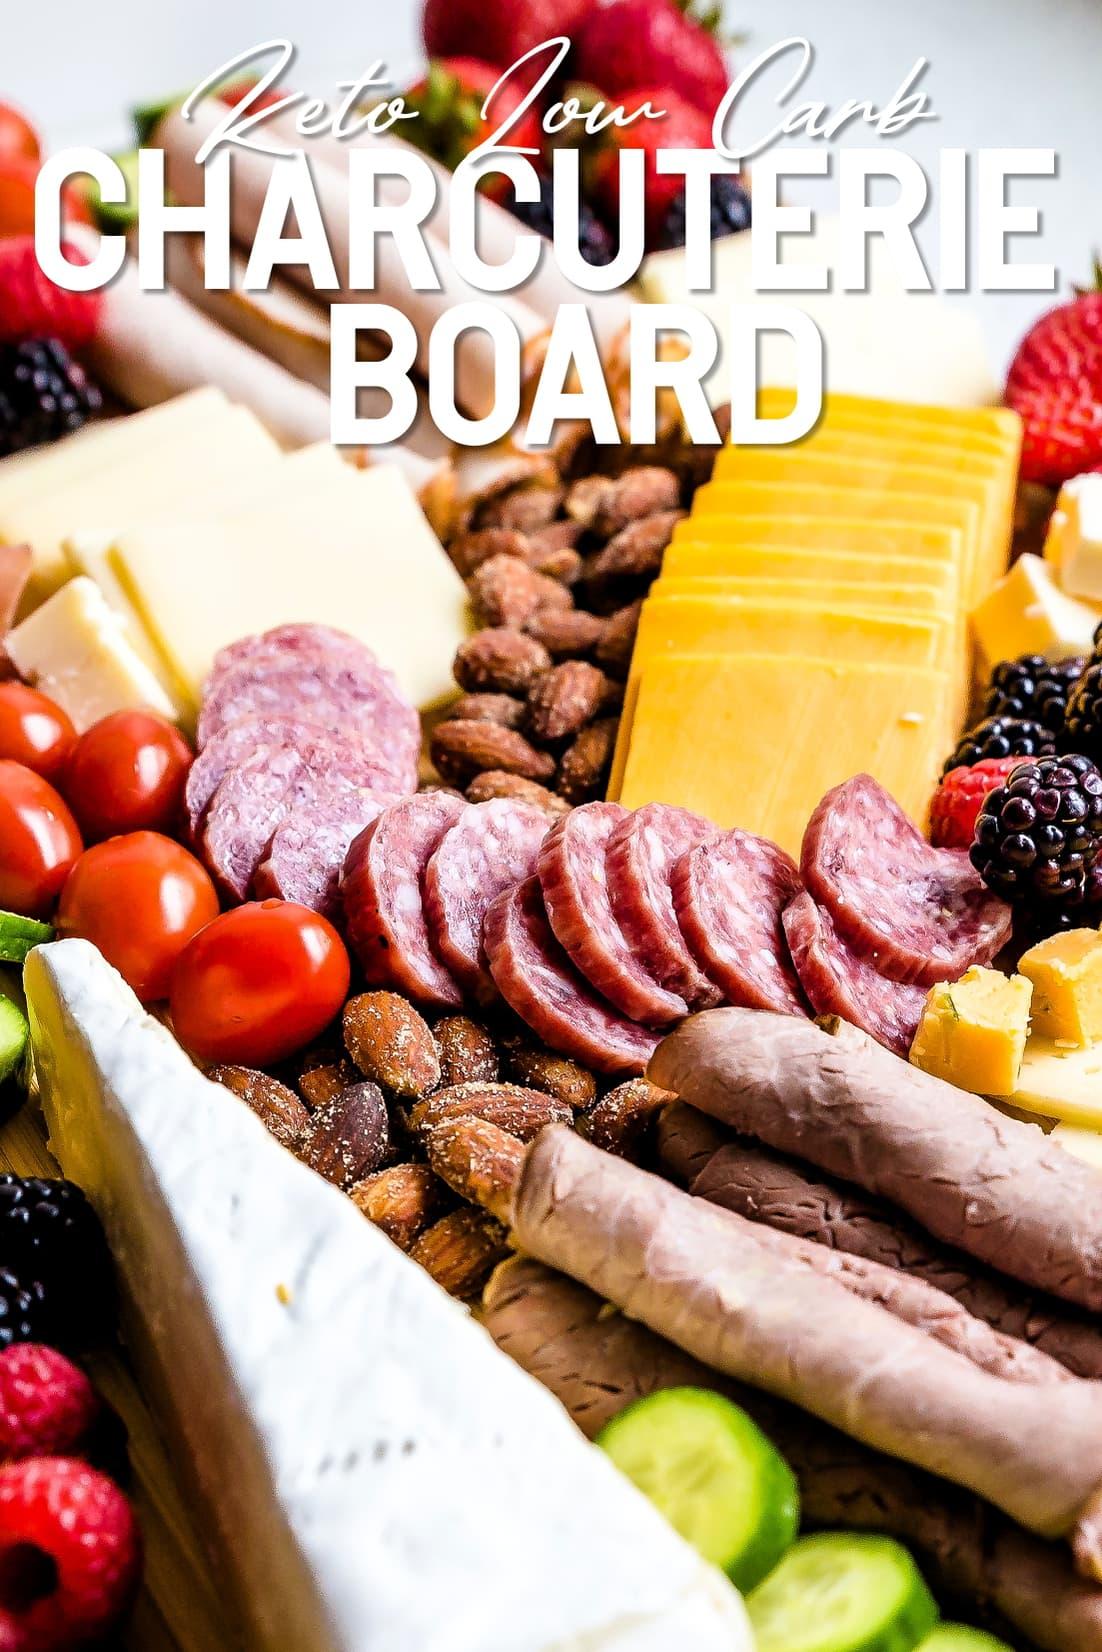 Keto Charcuterie Board close up